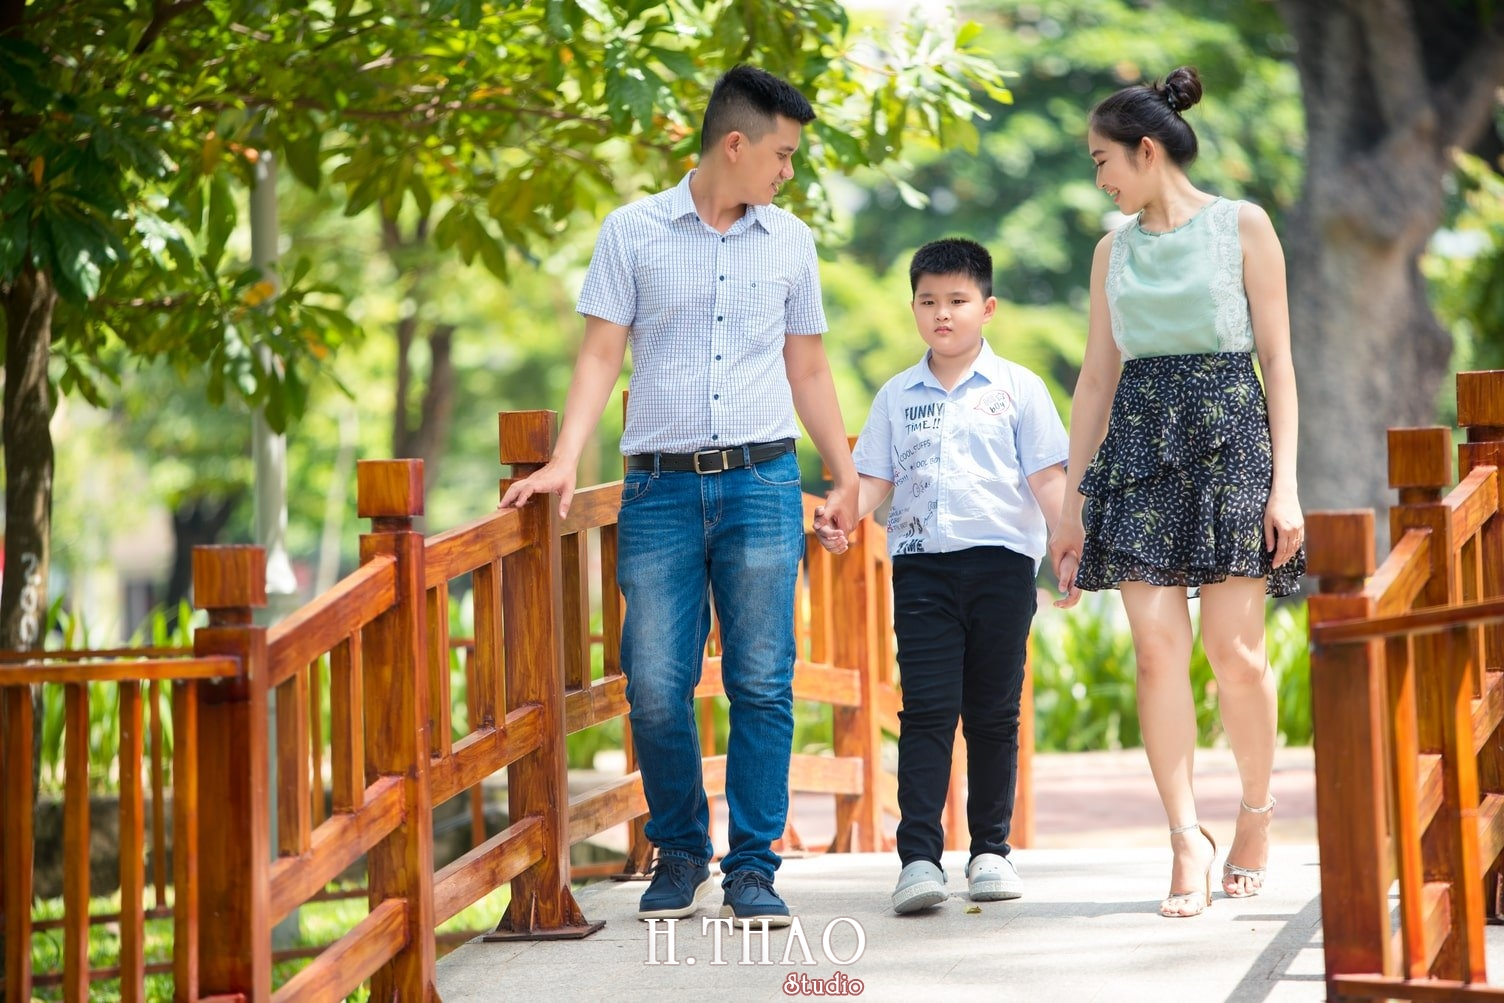 Anh Gia dinh 3 nguoi 22 - Bộ ảnh gia đình 3 người chụp ngoại cảnh đẹp tự nhiên - HThao Studio